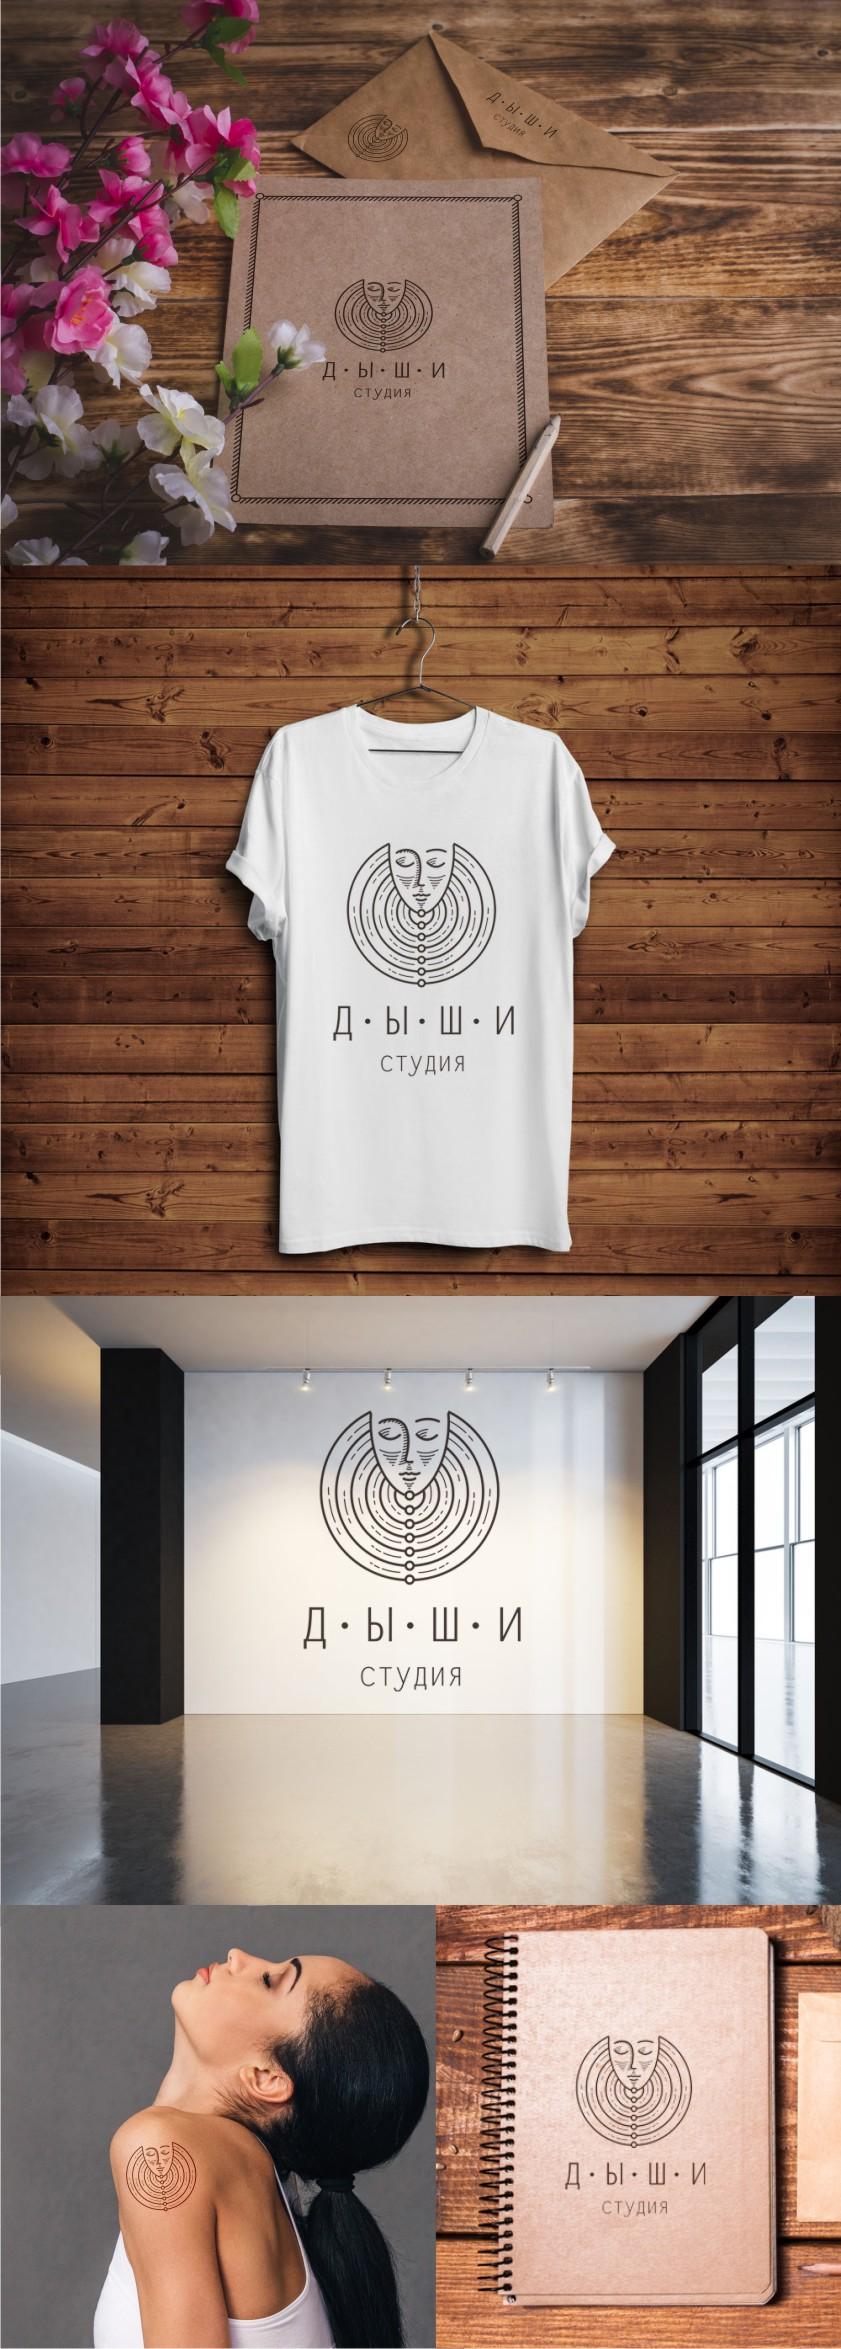 """Логотип для студии """"Дыши""""  и фирменный стиль фото f_79756f8c1e069326.jpg"""